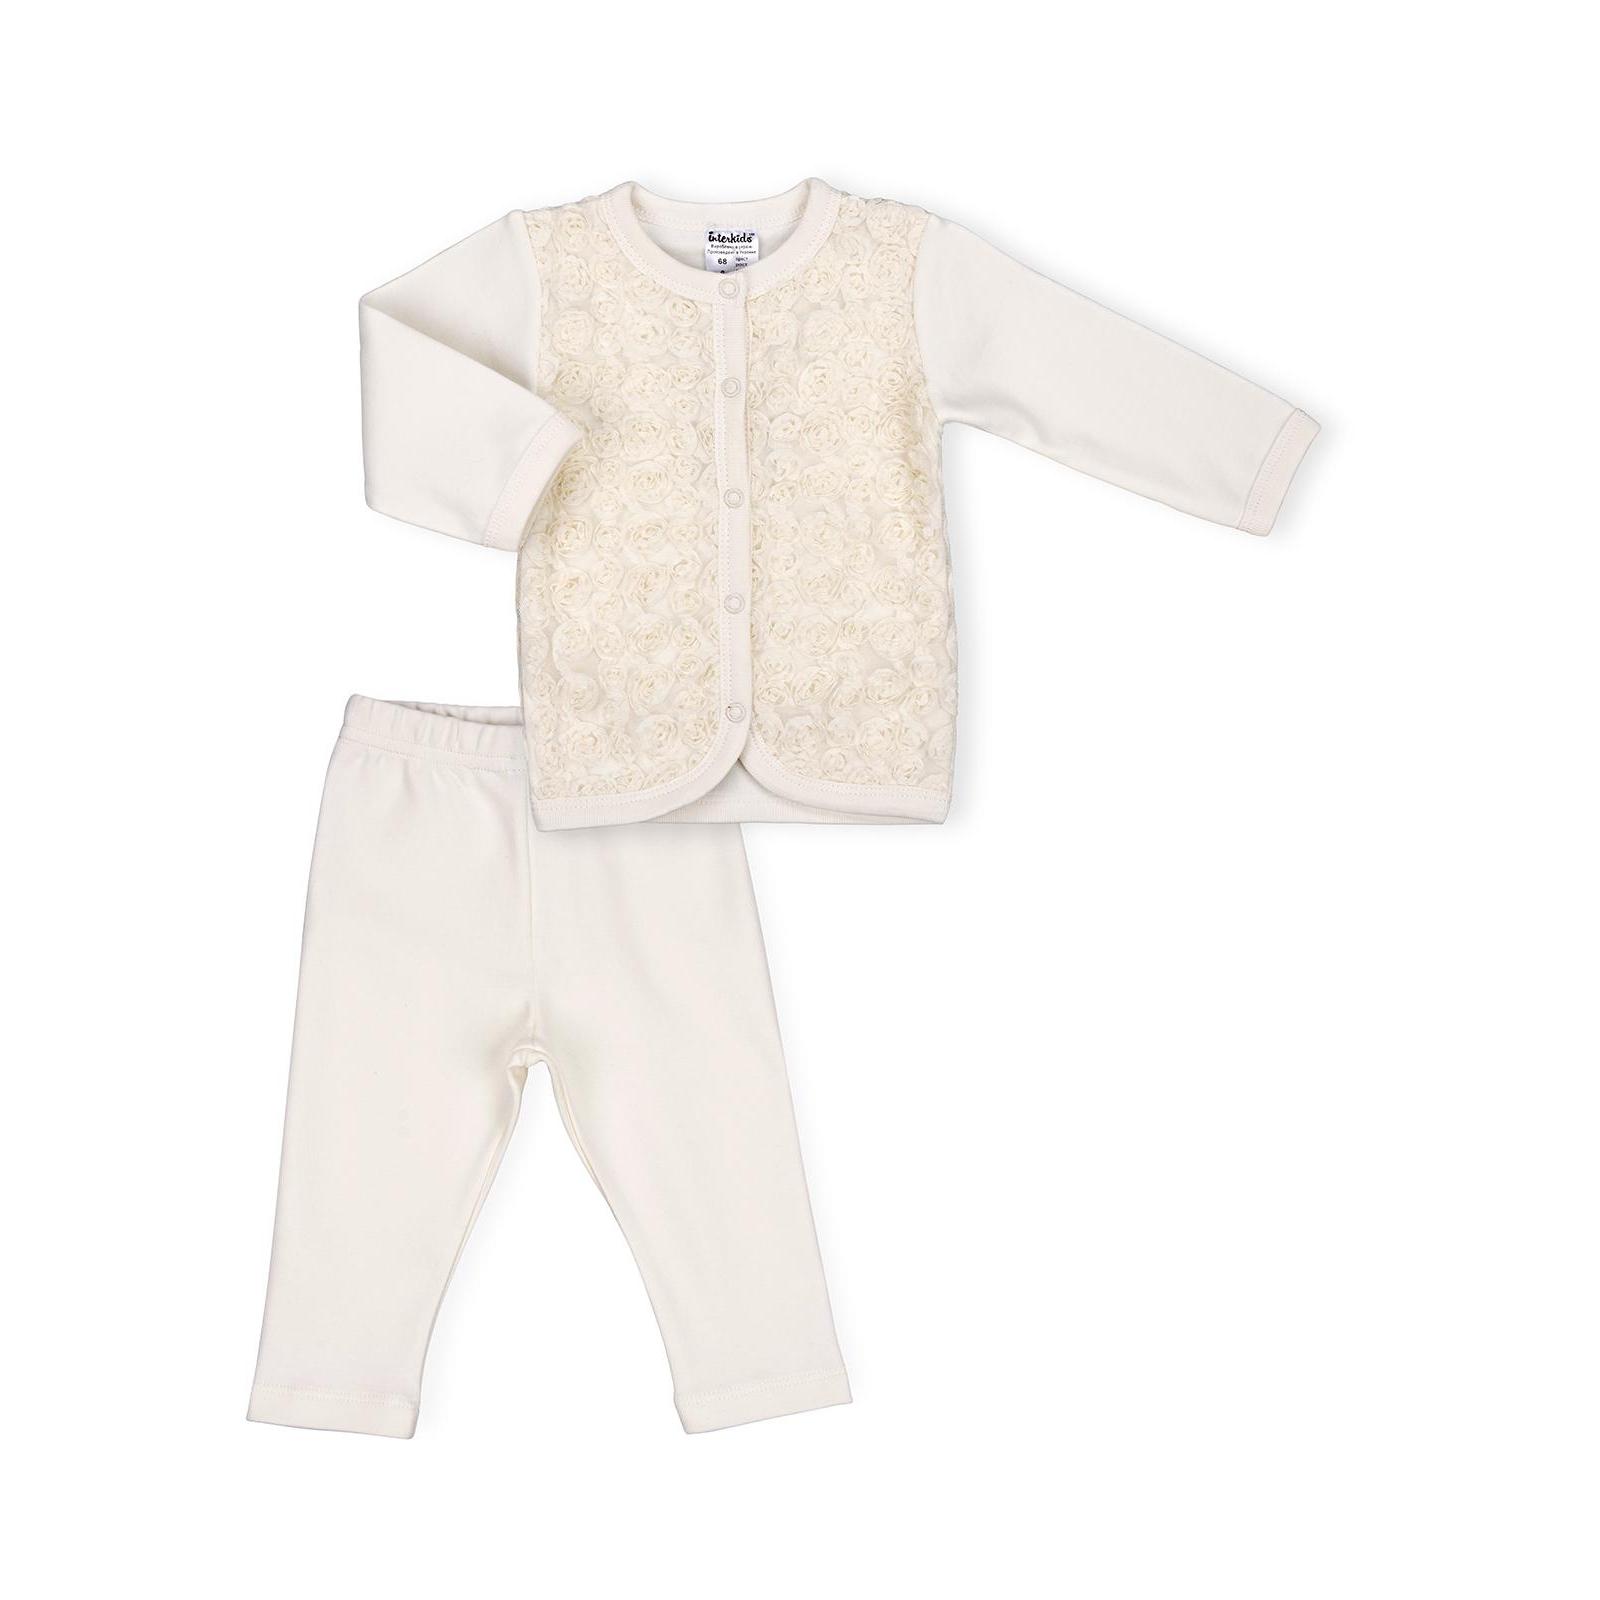 Набор детской одежды Интеркидс с розочками (2363-68G-beige)